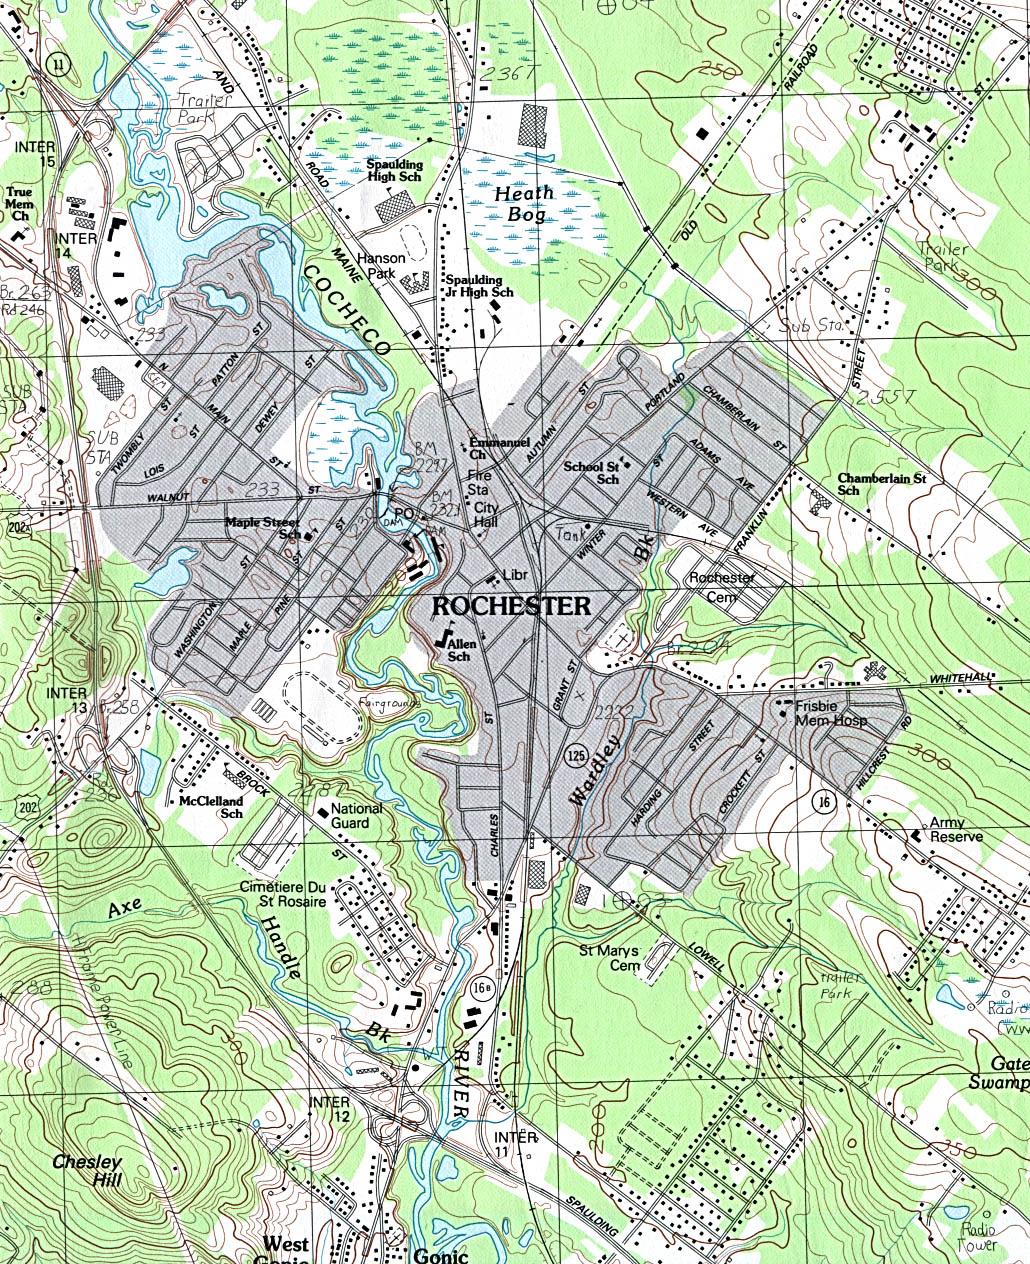 Mapa Topográfico de la Ciudad de Rochester, Nuevo Hampshire, Estados Unidos